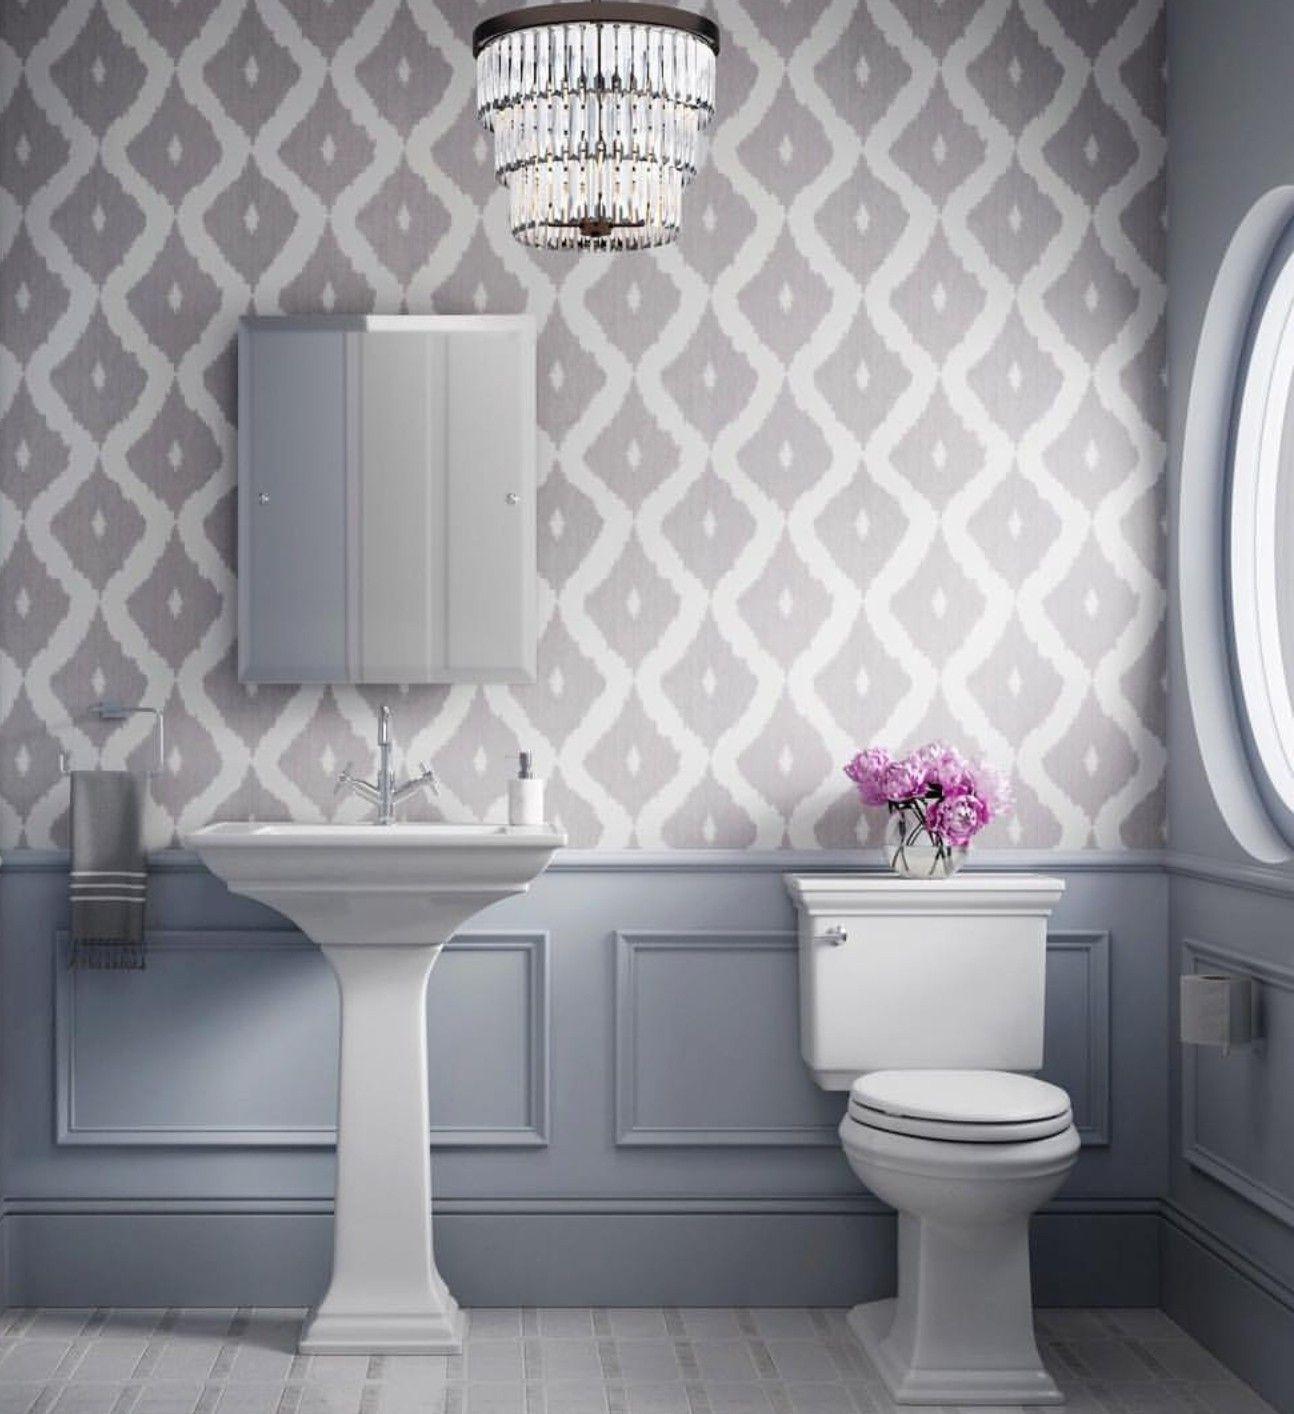 Pin by Kiana💋 on El Baño Grey, white wallpaper, White